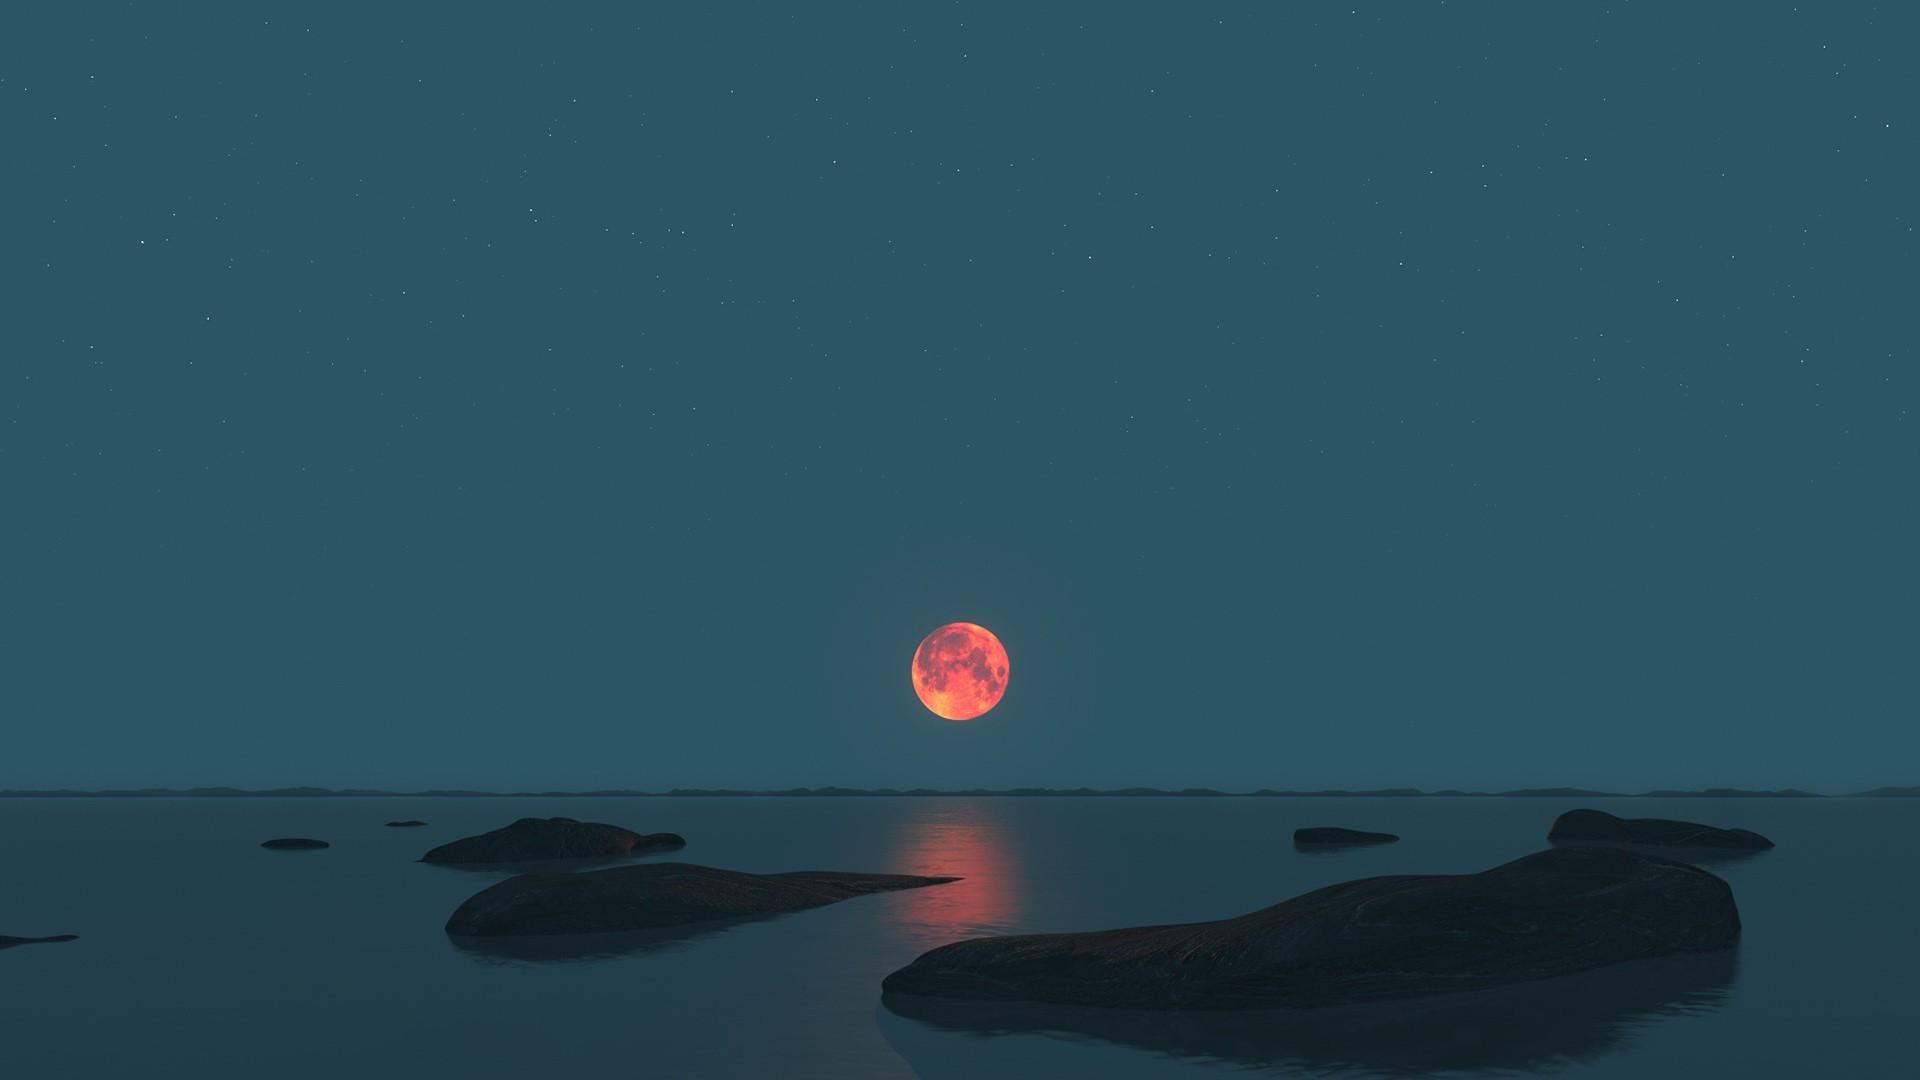 Papel De Parede Mar Noite Ceu Lua Luar Horizonte Atmosfera